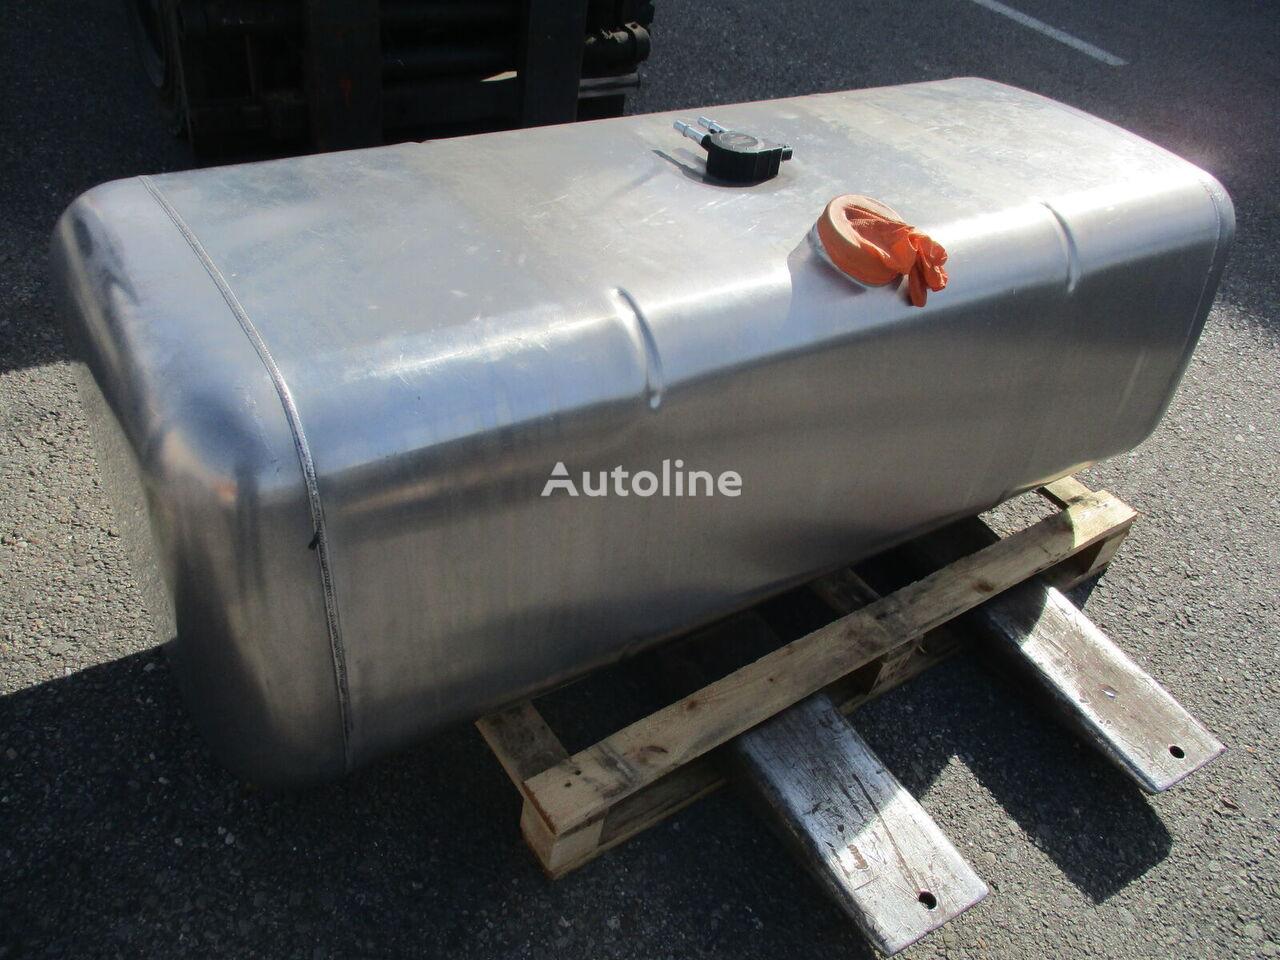 MERCEDES-BENZ (A9604702404) depósito de combustible para MERCEDES-BENZ Actros MP4 camión nuevo